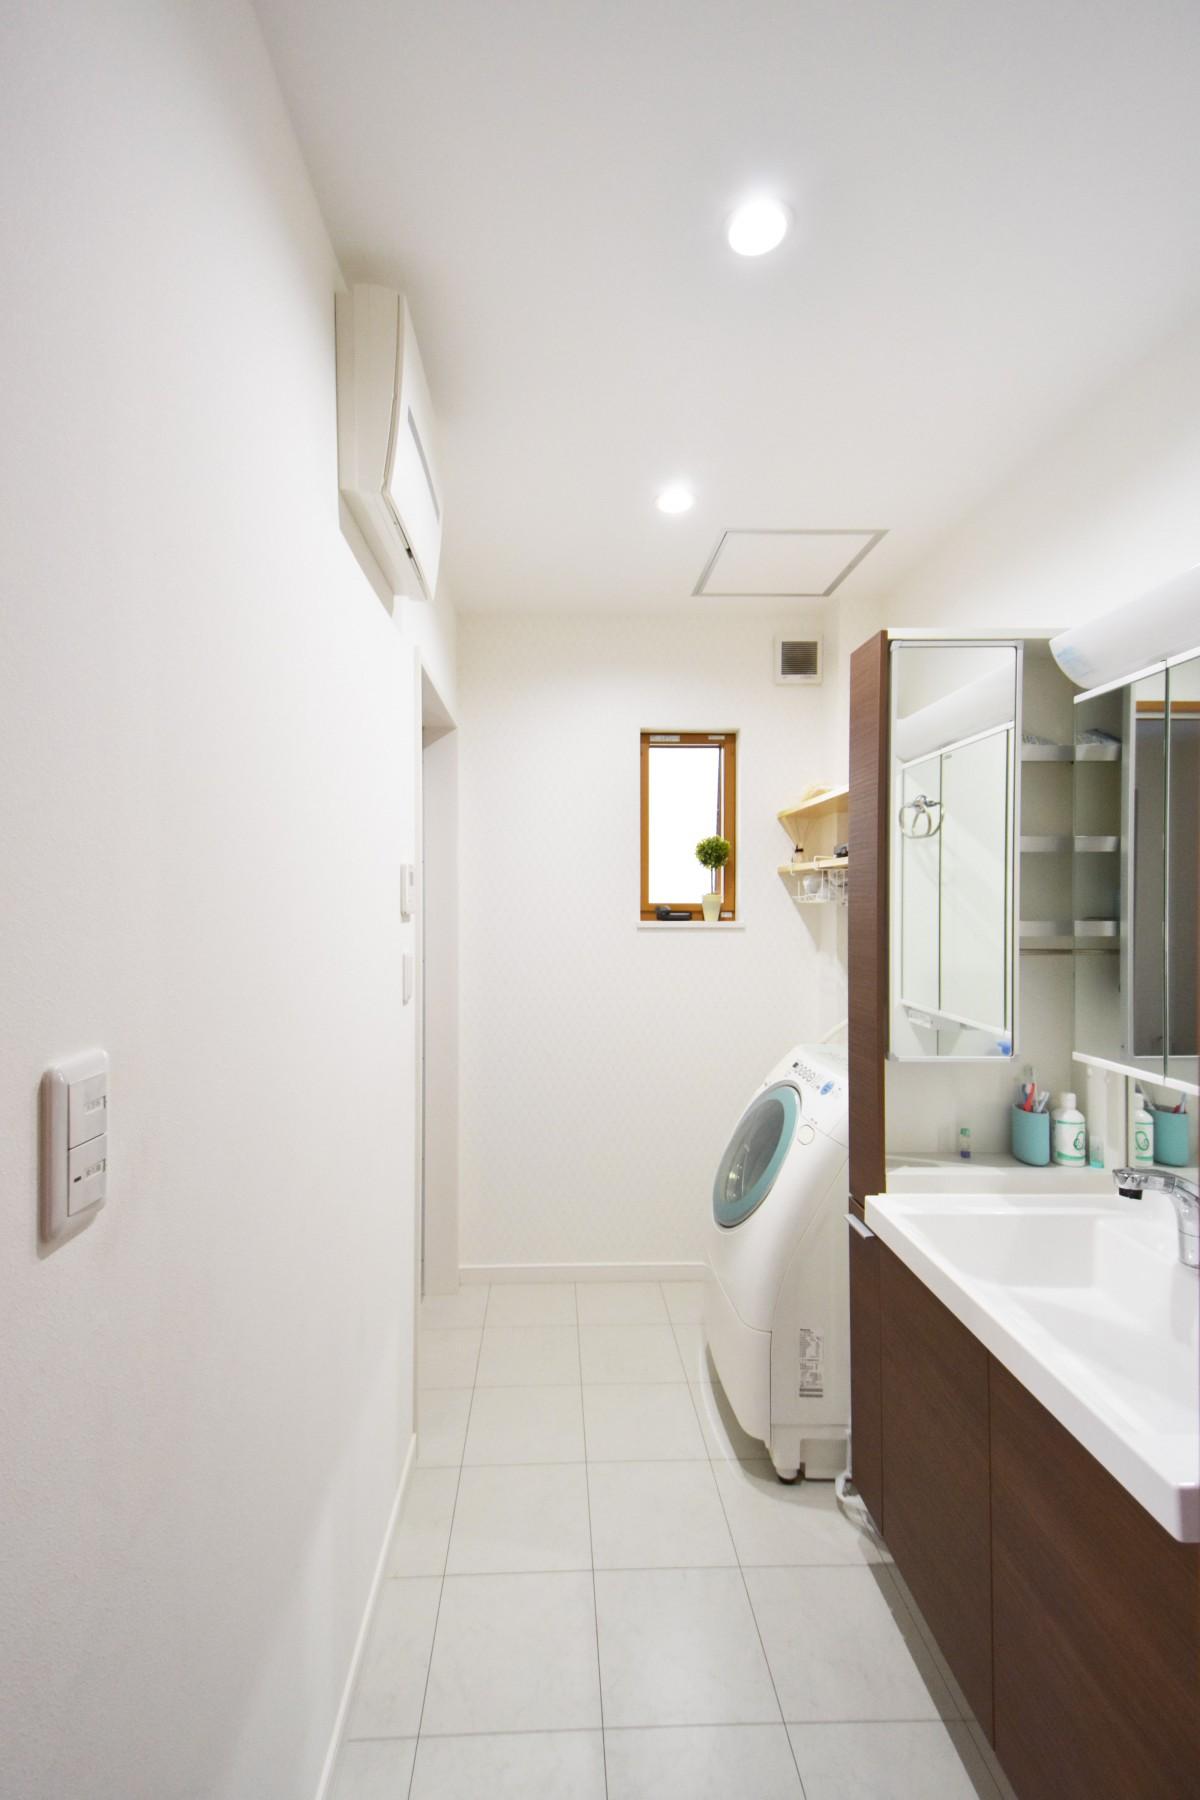 収納できる場所が多いすっきりとした洗面室